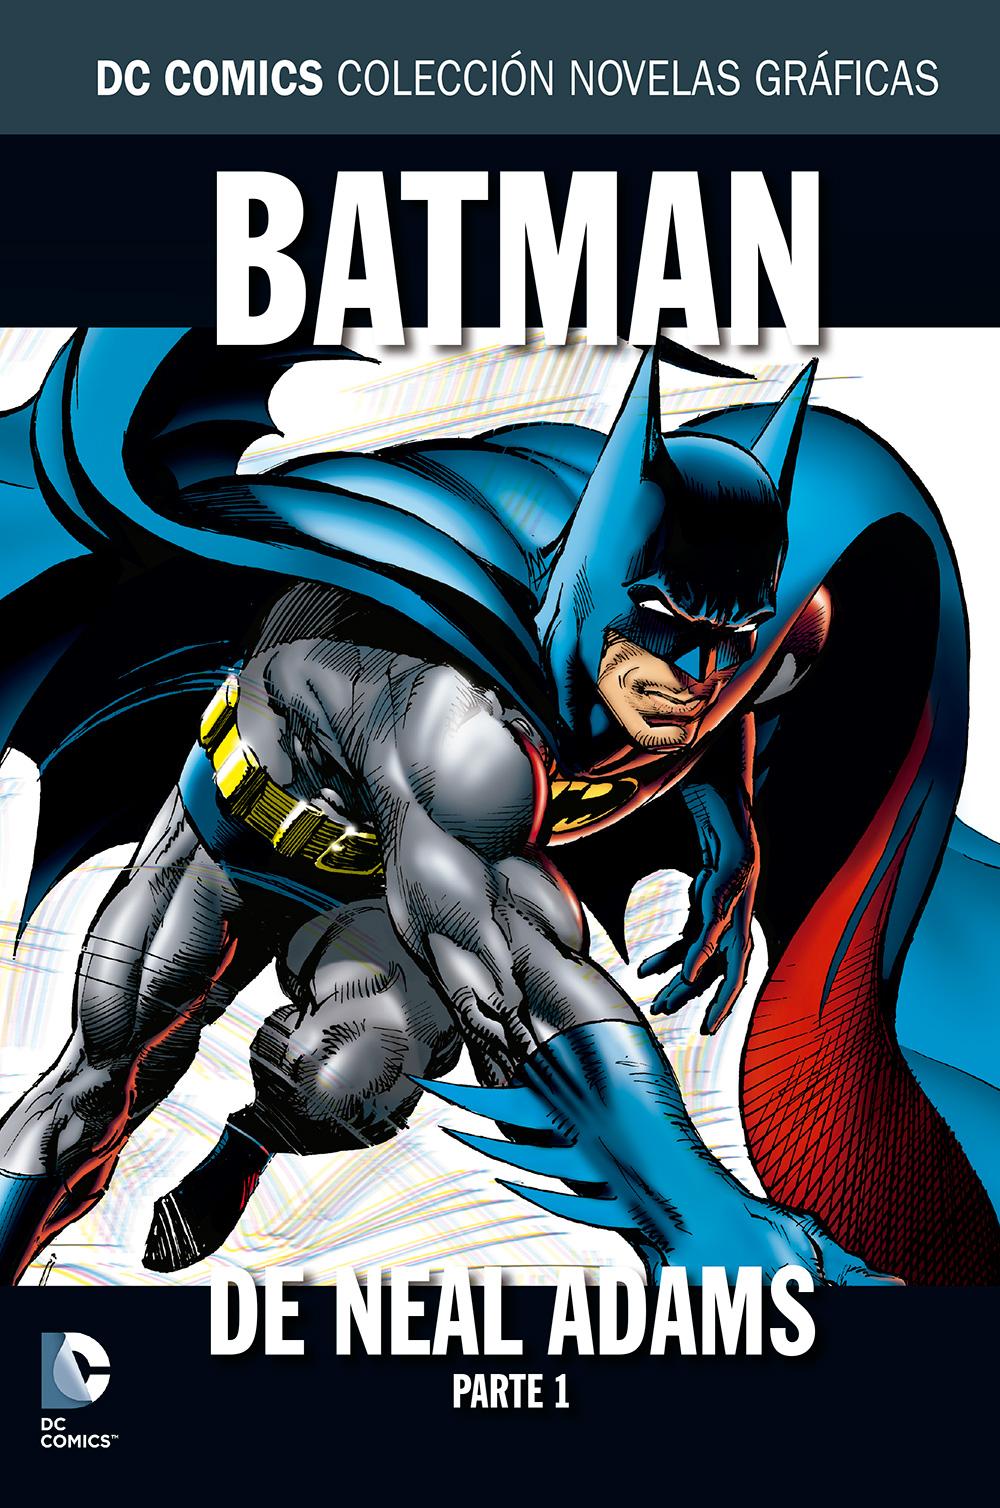 [DC - Salvat] La Colección de Novelas Gráficas de DC Comics  - Página 34 Batman_Adams_1